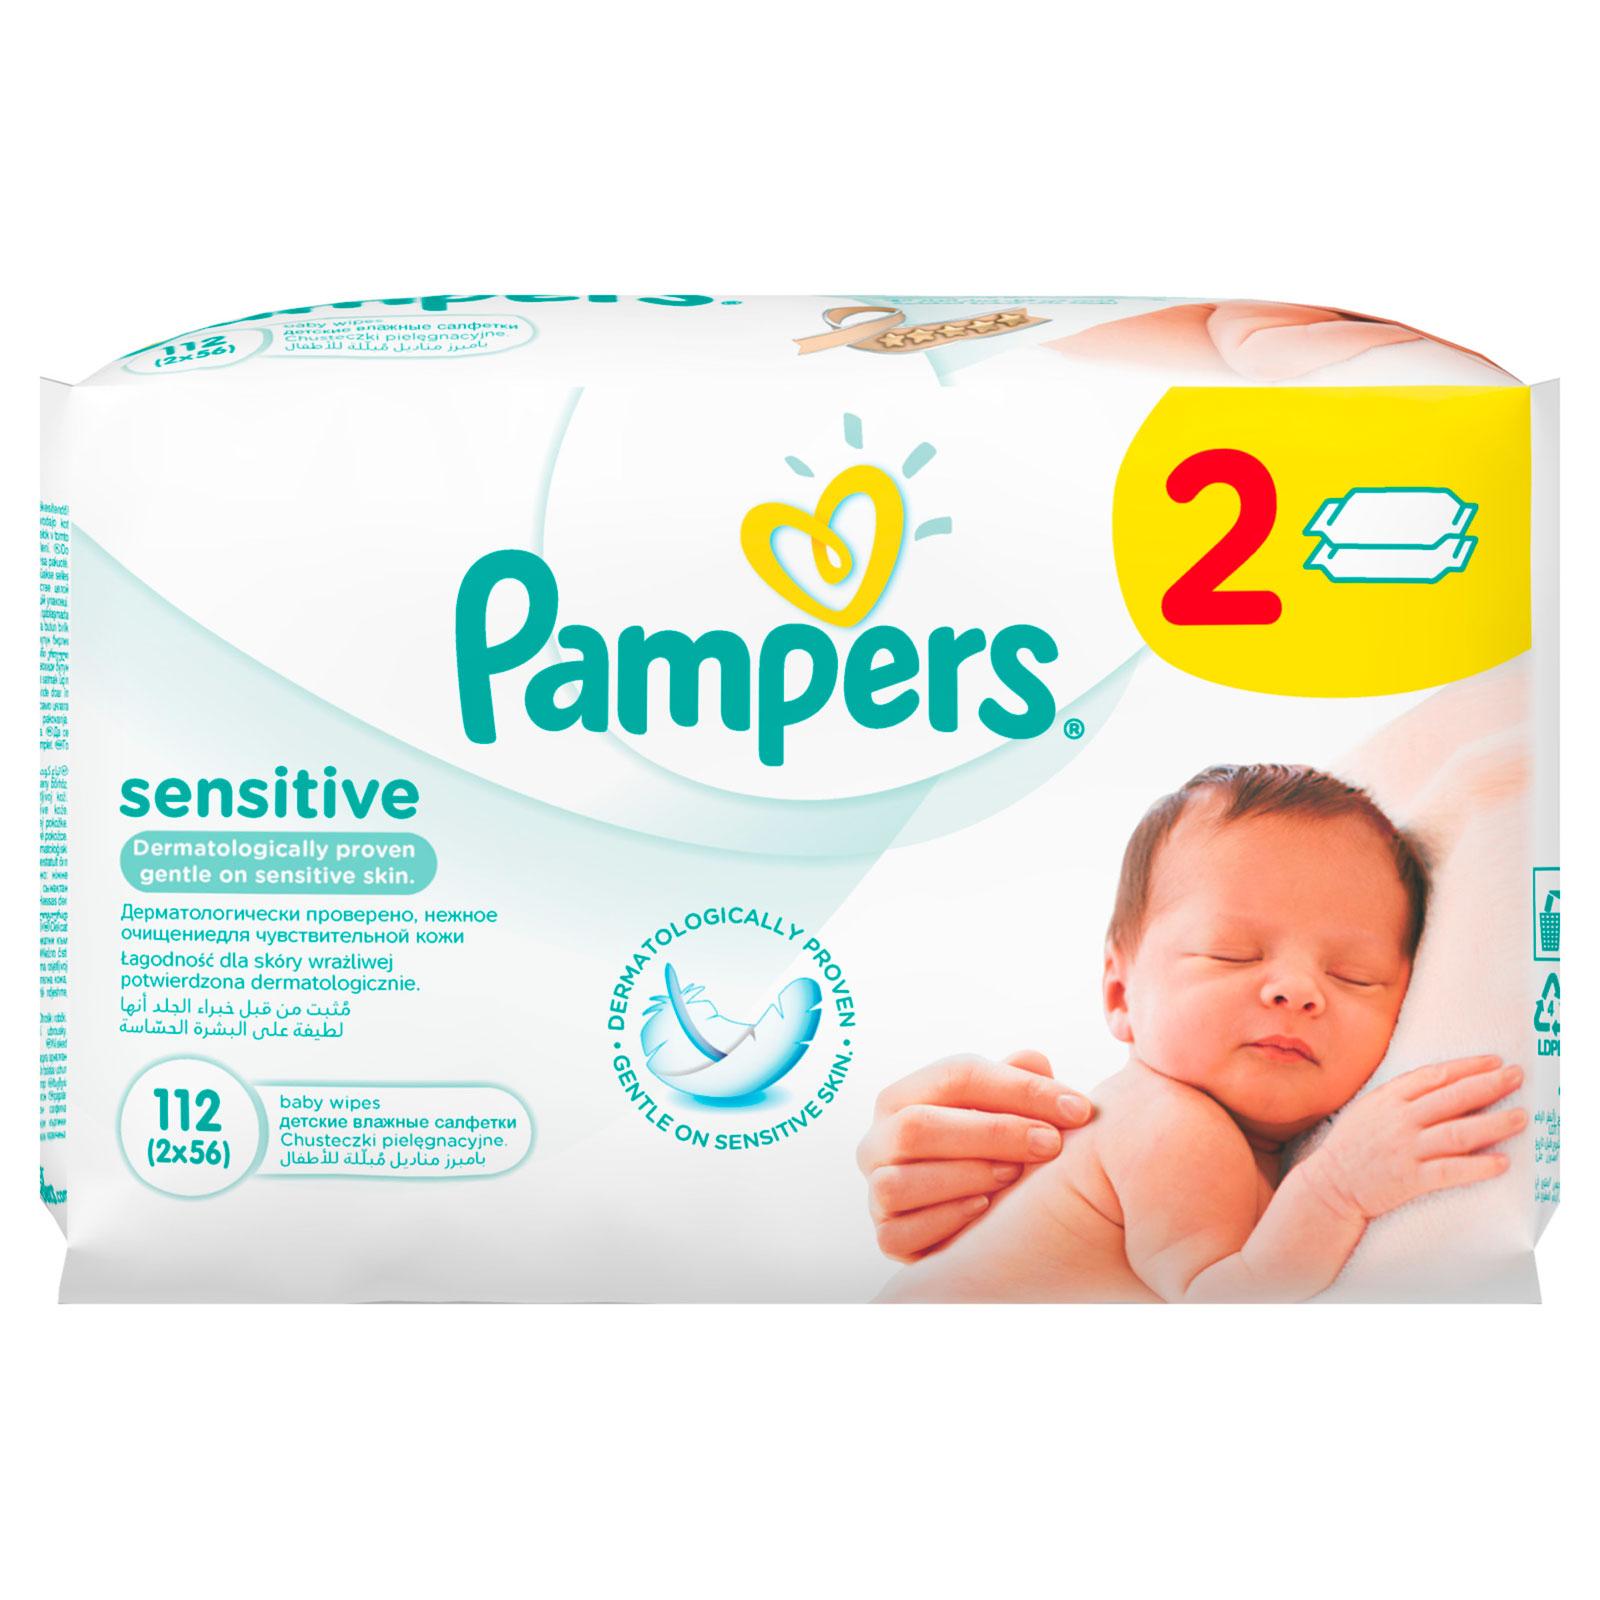 Салфетки влажные Pampers Sensitive с рождения (запасной блок 56 шт х 2) 112 шт<br>